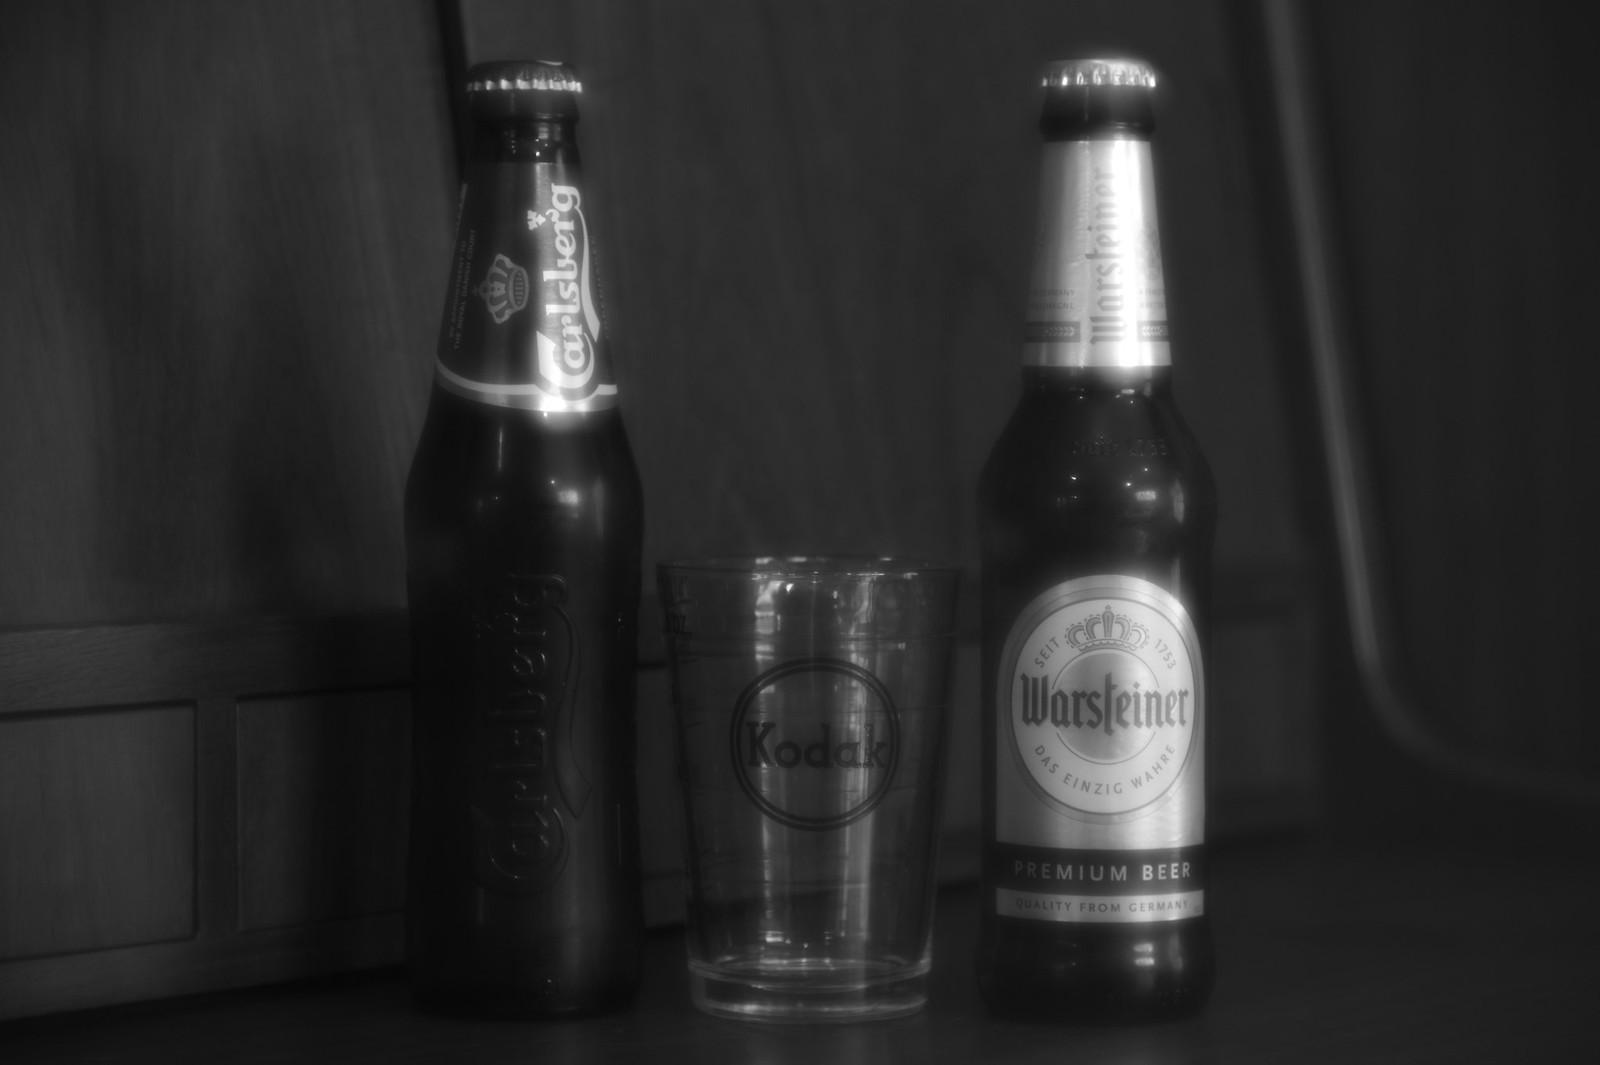 beer Kodak bier